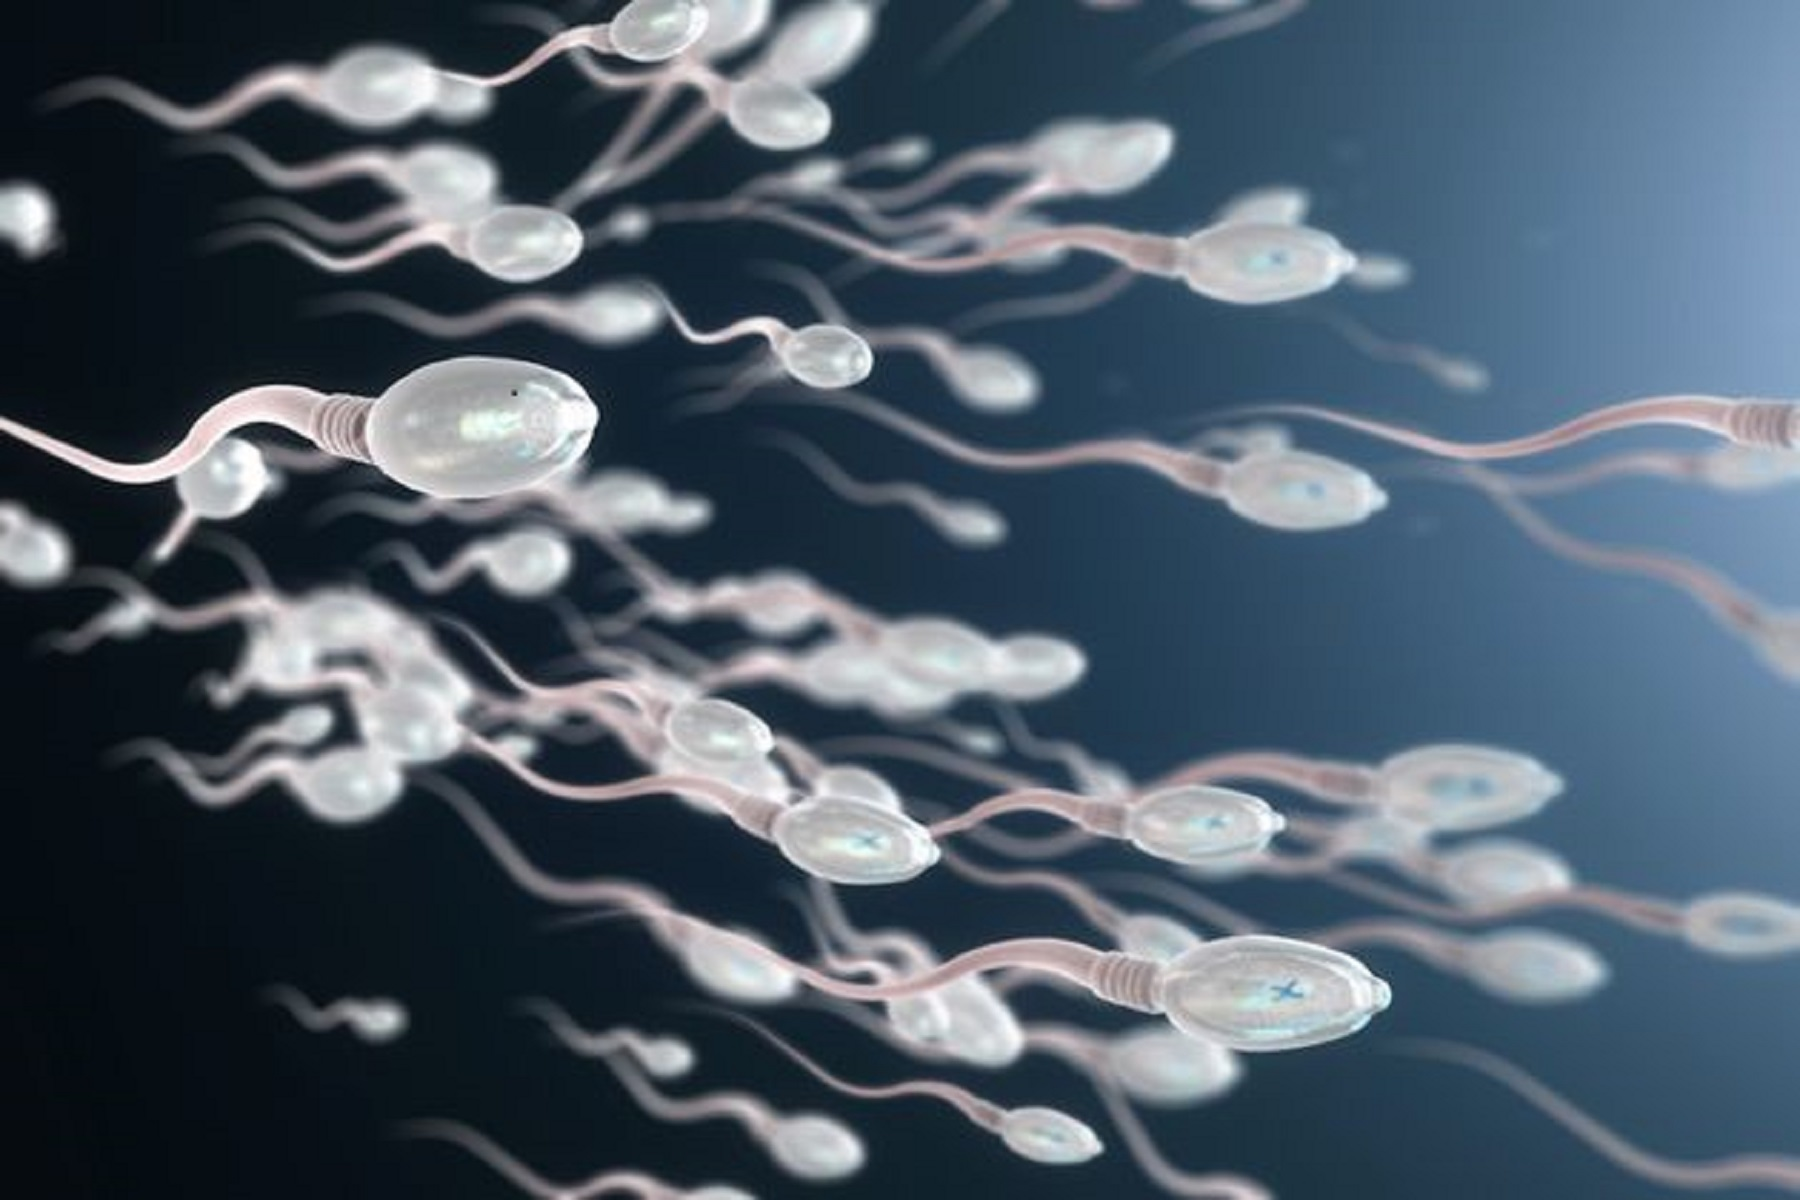 Έρευνα Κορωνοϊός: Οι επιπλοκές της λοίμωξης Covid-19 στη σπερματογένεση